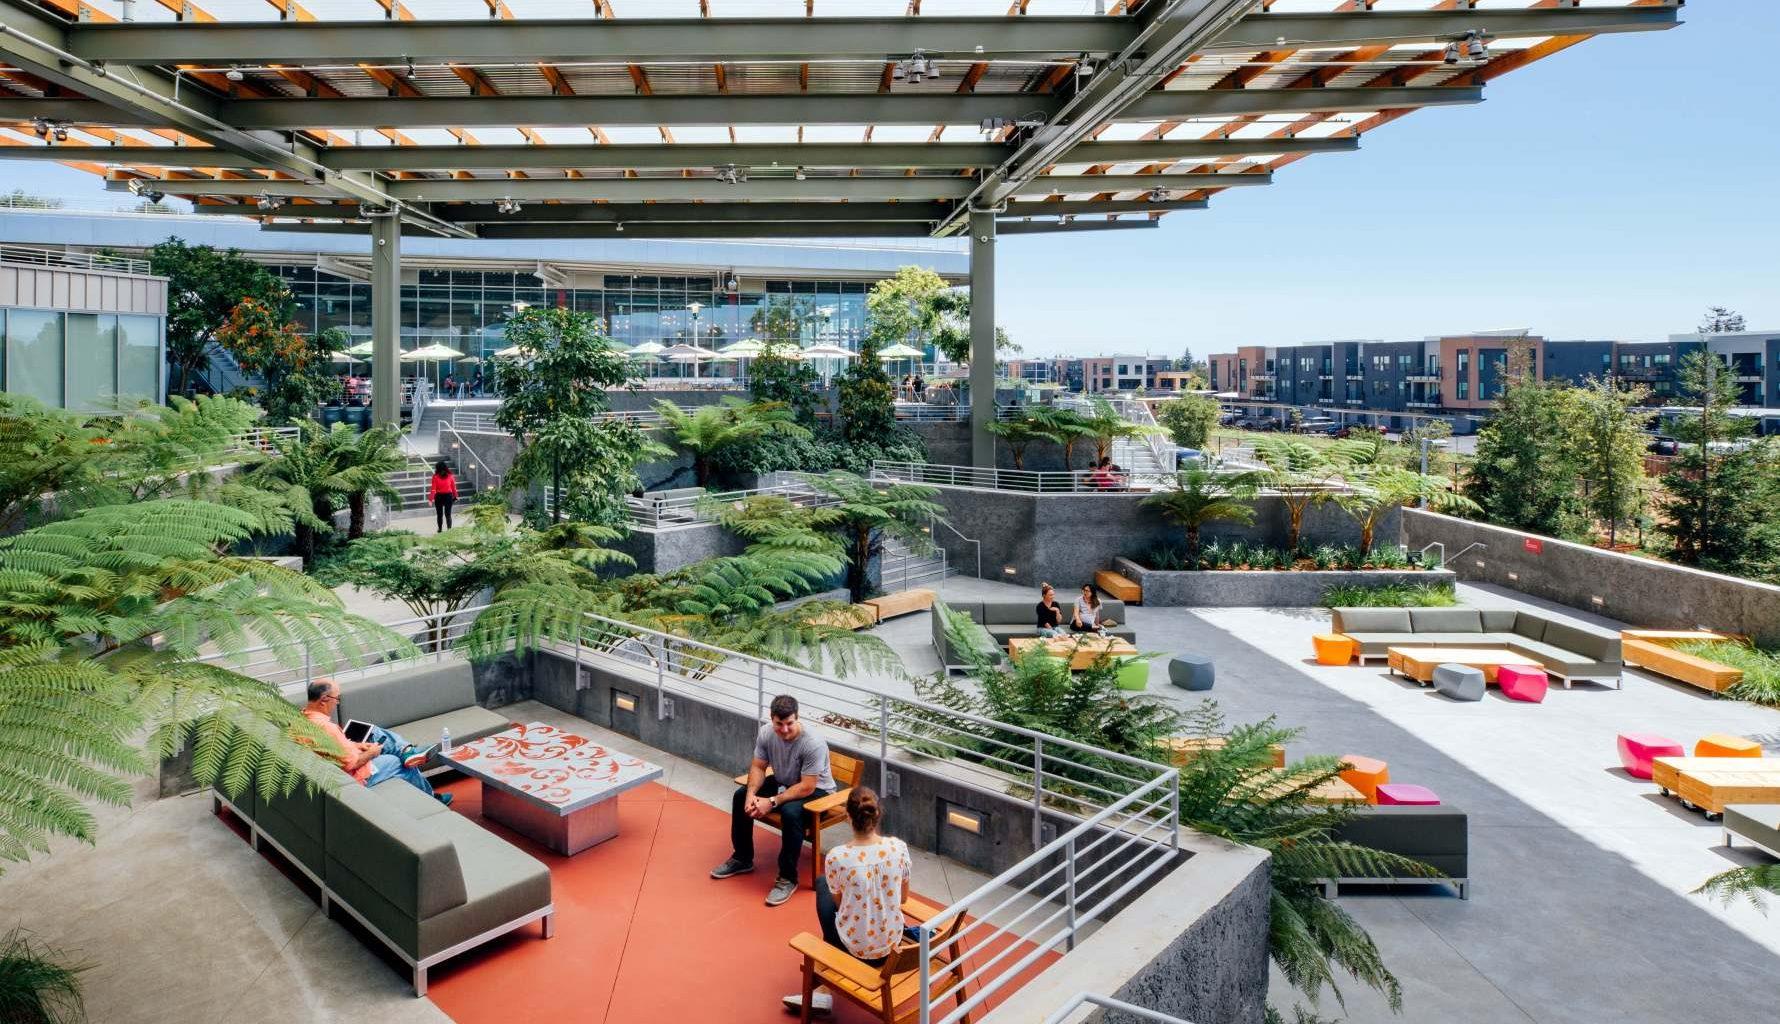 Facebook office Menlo park